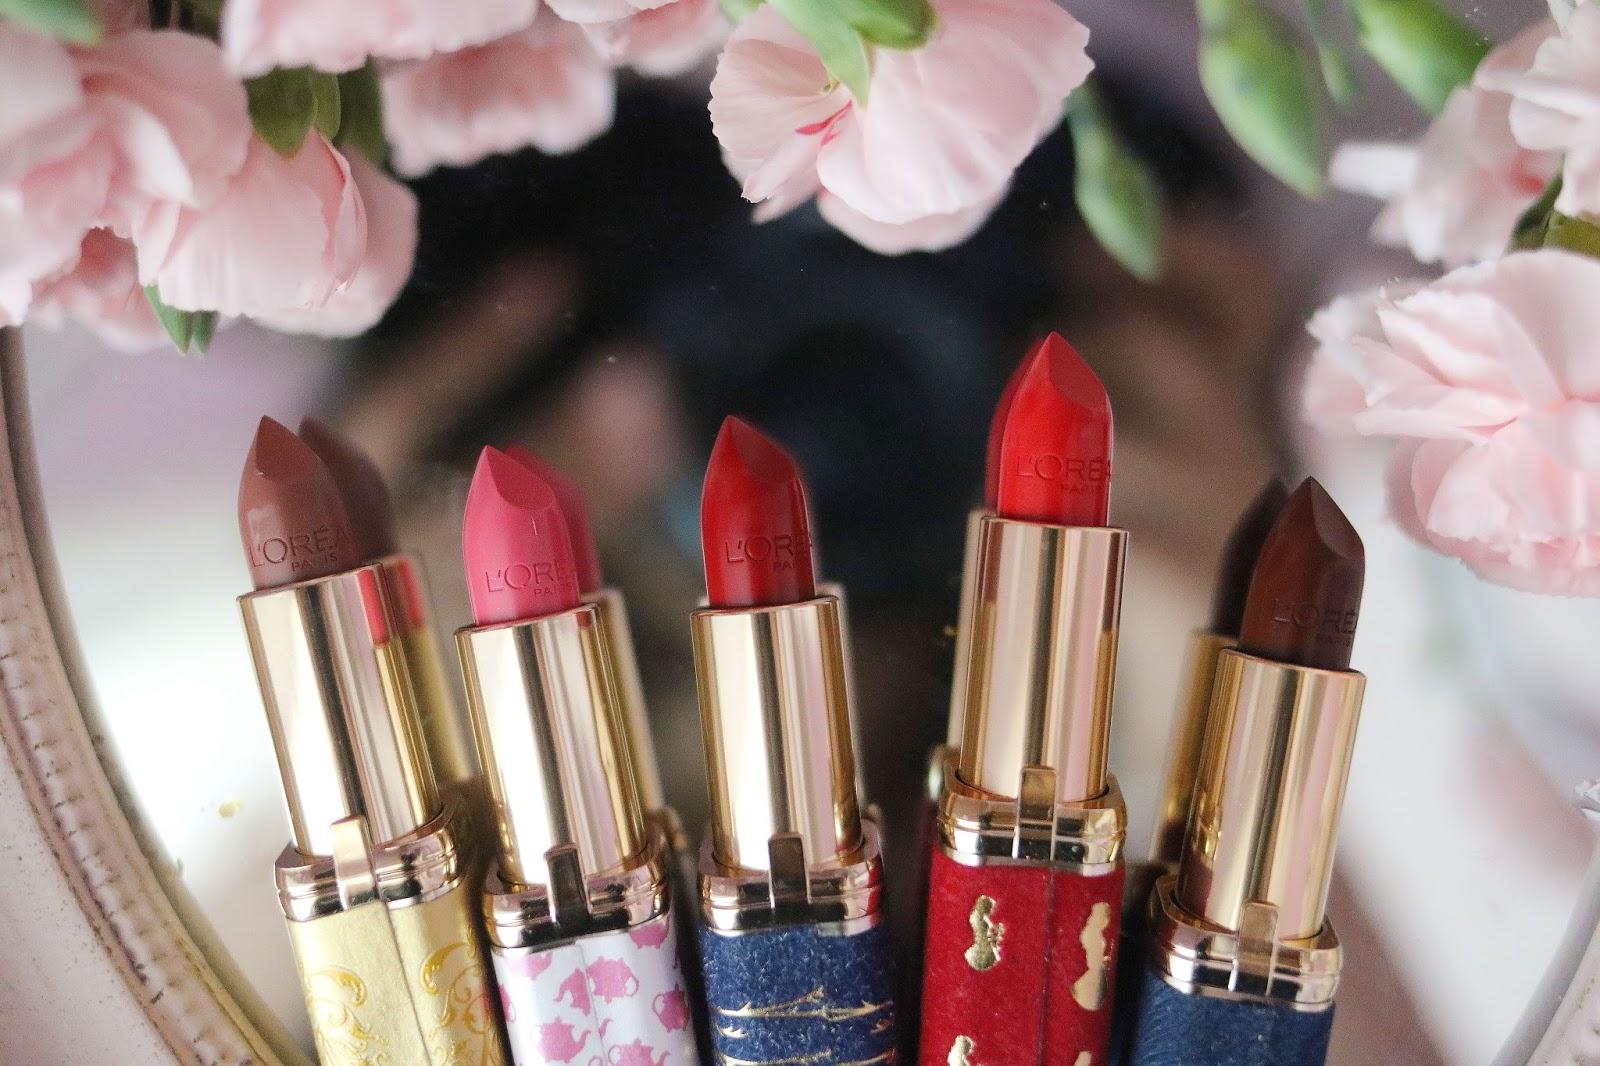 La Belle et la Bête , L'oréal , Collection Maquillage , Disney , Blog Beauté Paris , Rosemademoiselle , rose mademoiselle , revue , avis , swatch